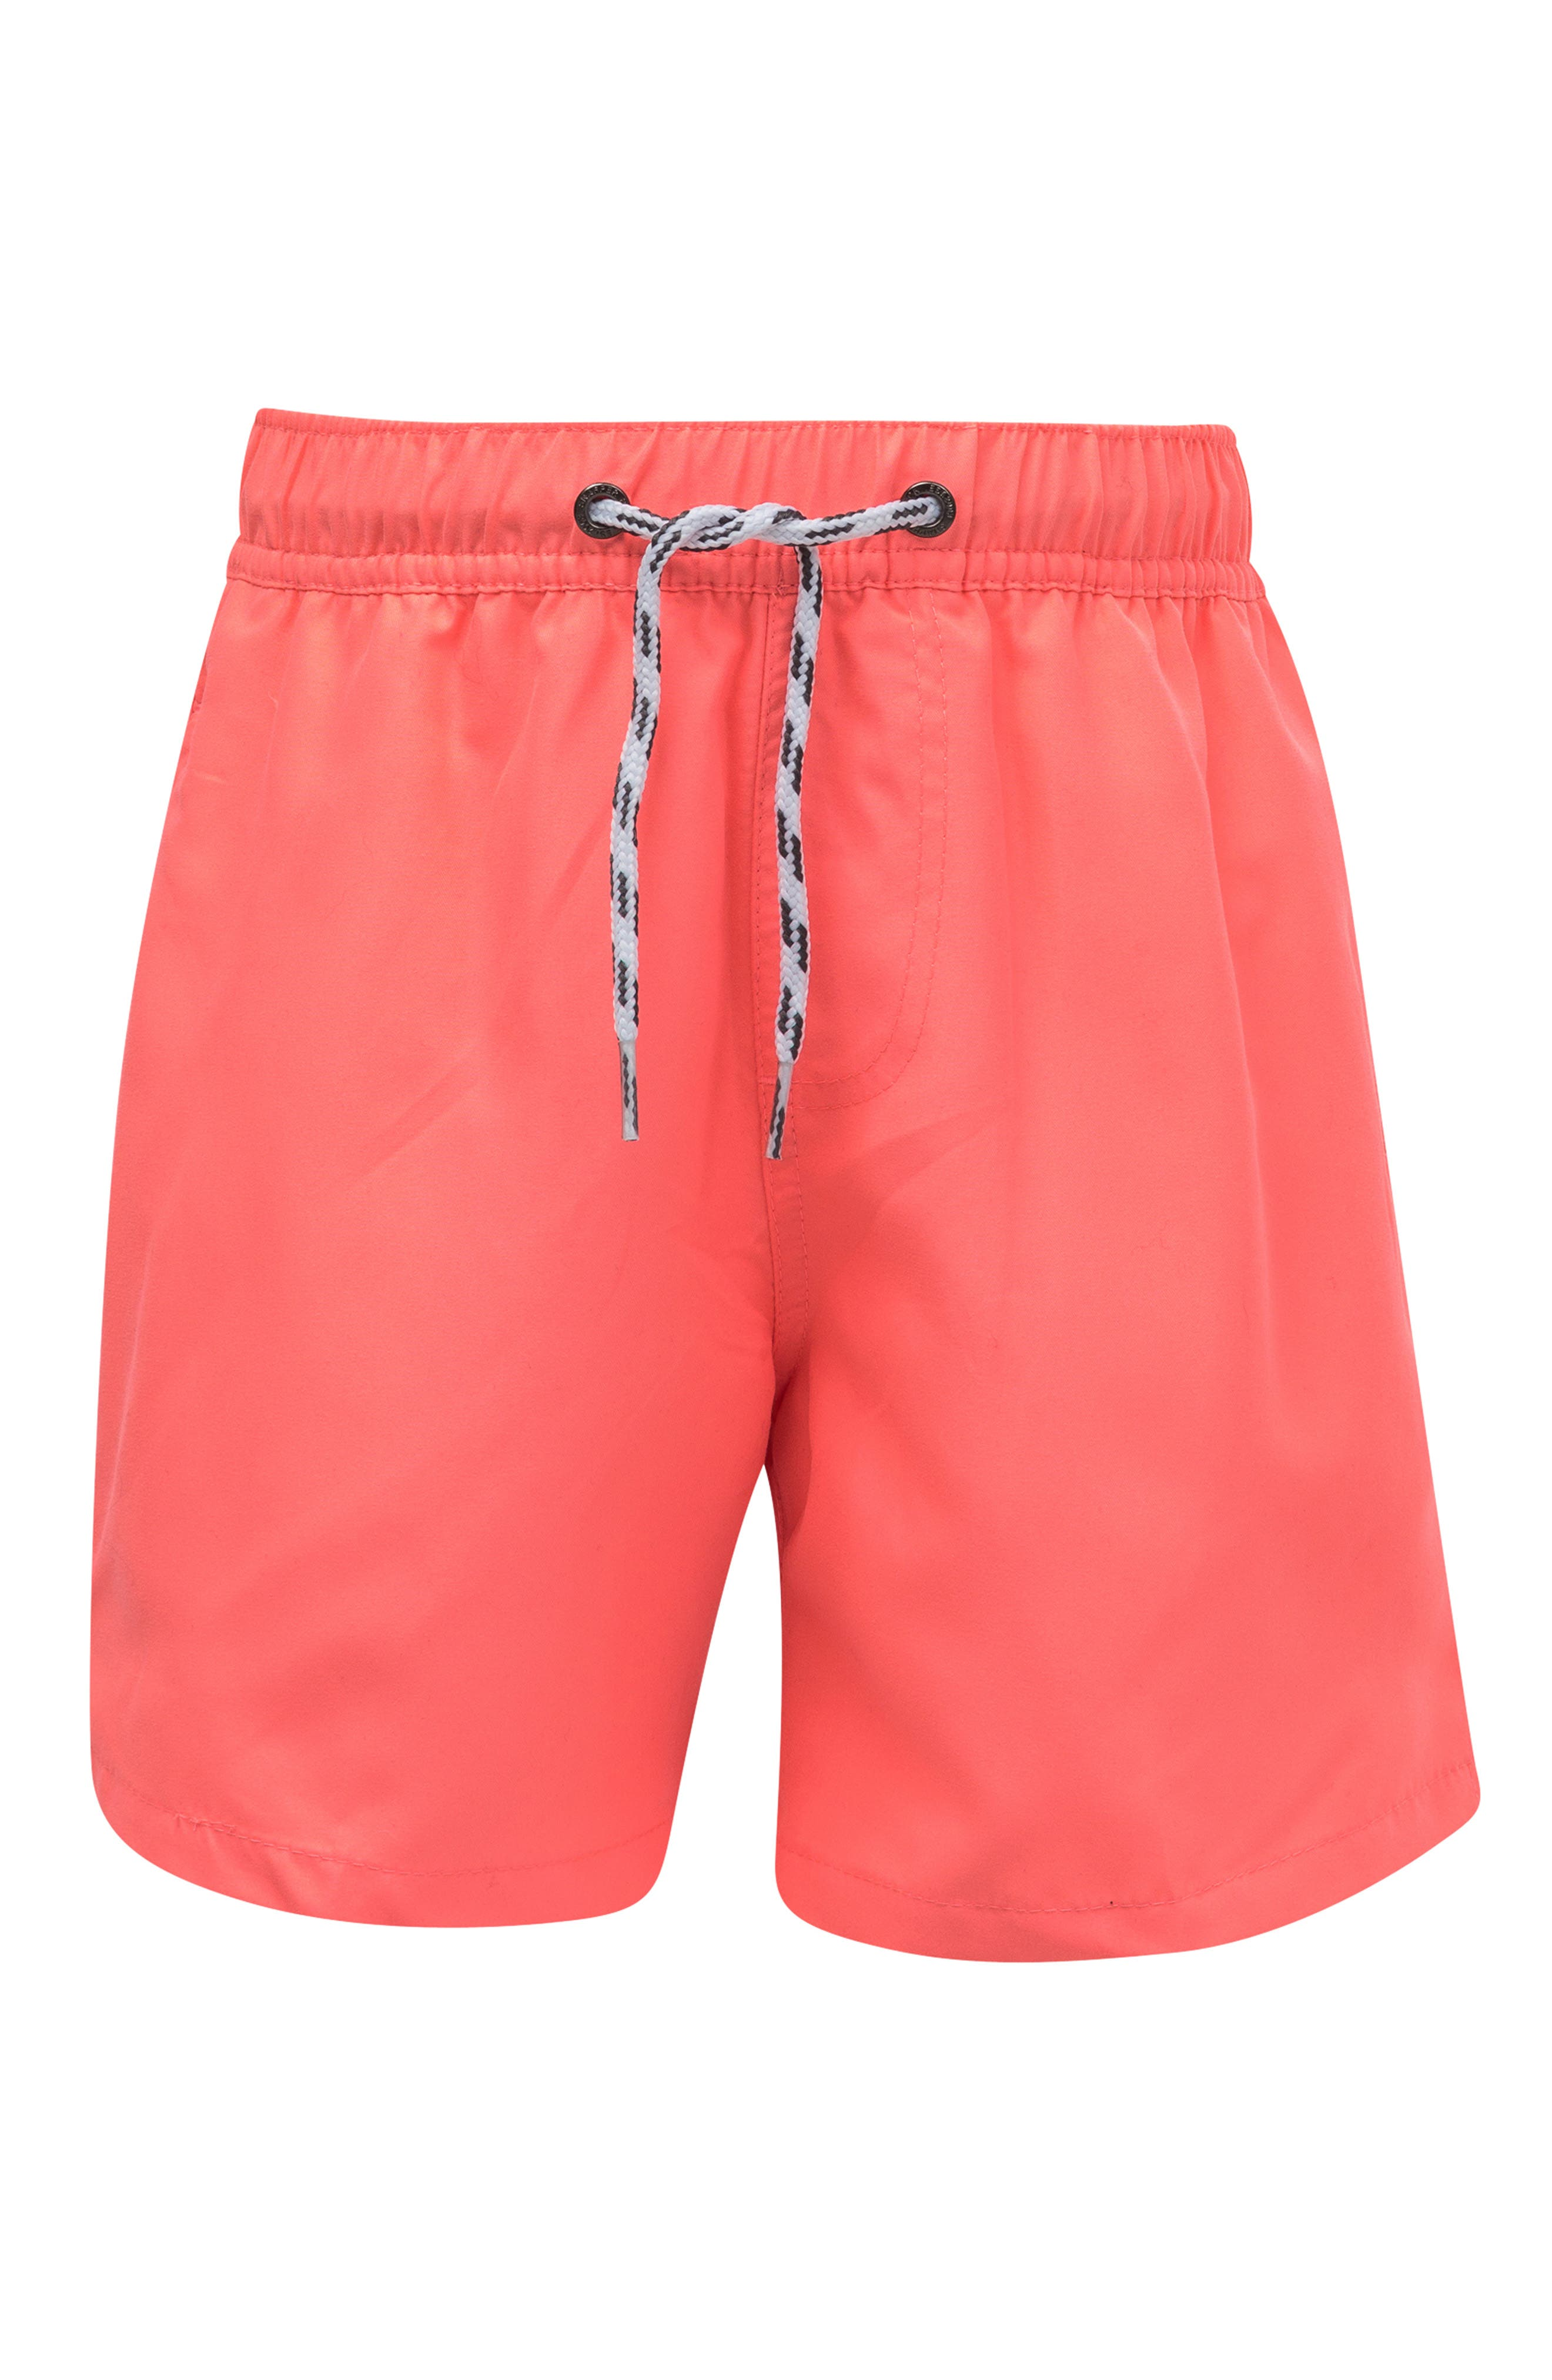 Neon Coral Hybrid Board Shorts,                         Main,                         color, BRIGHT ORANGE